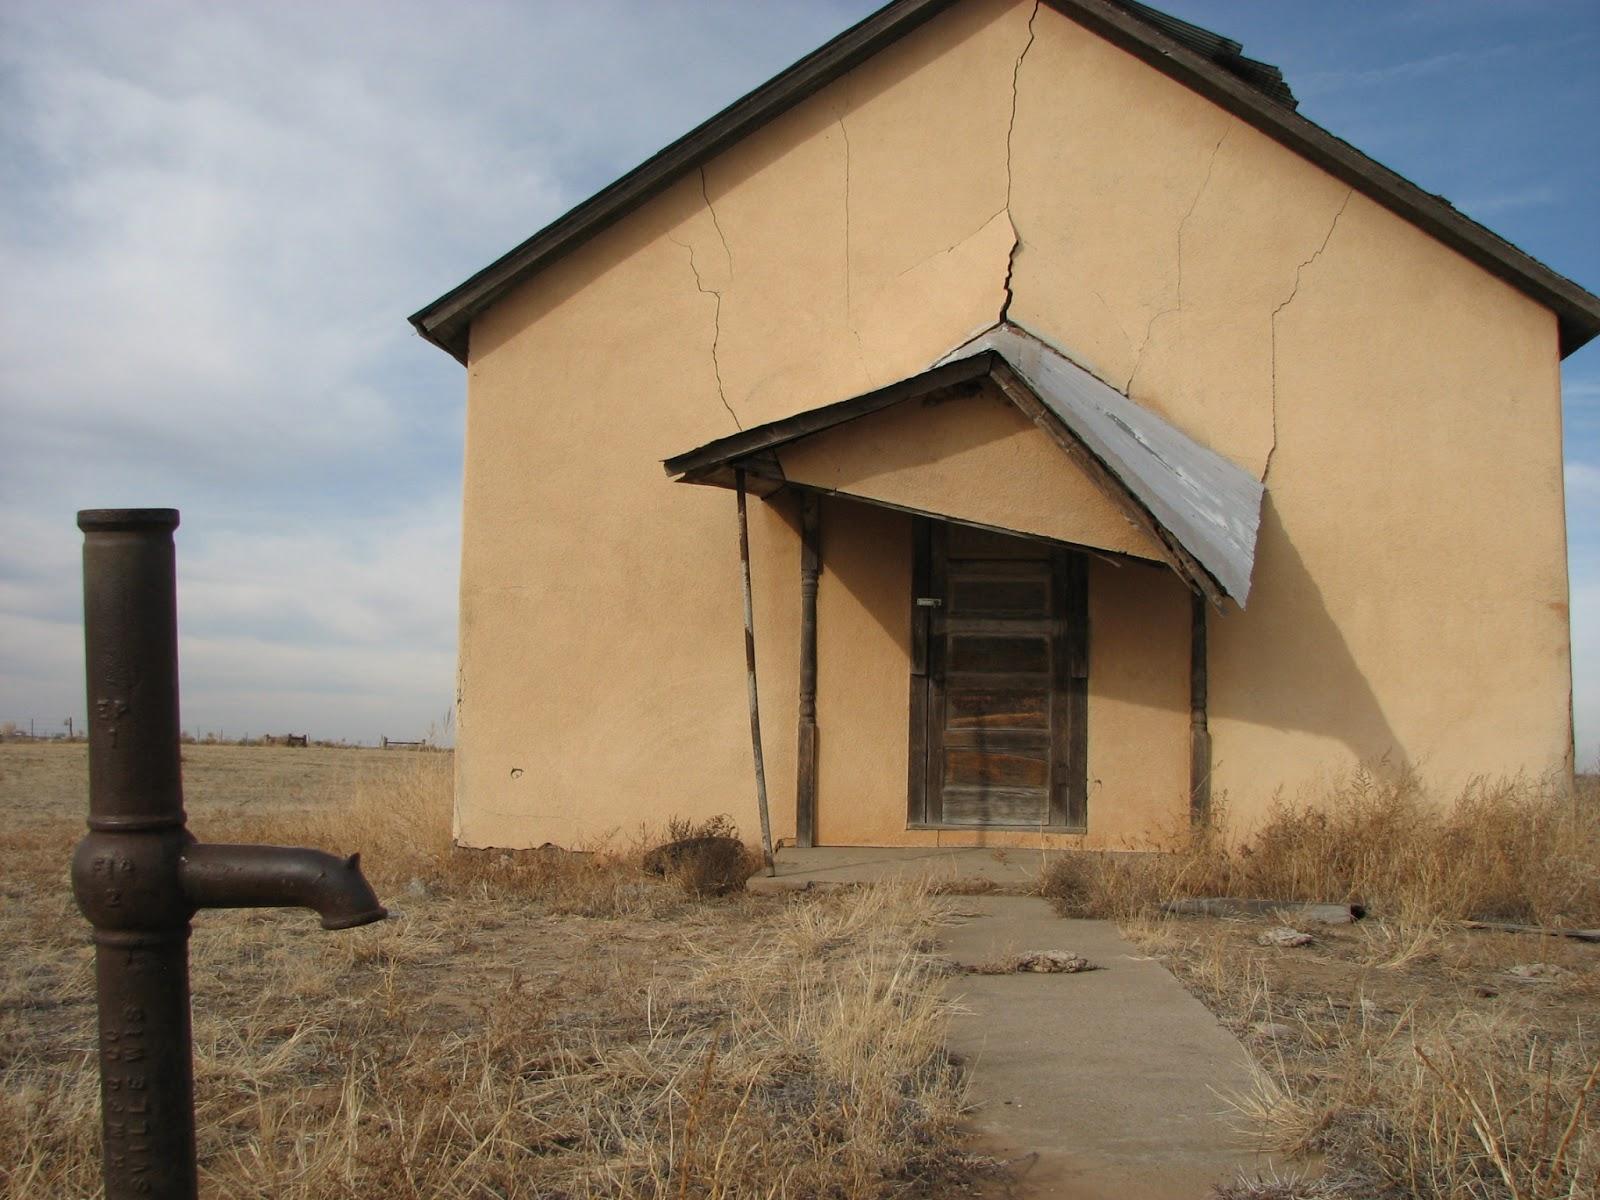 Acres, Kansas, a dead town in Clark County - News - The Garden City ...